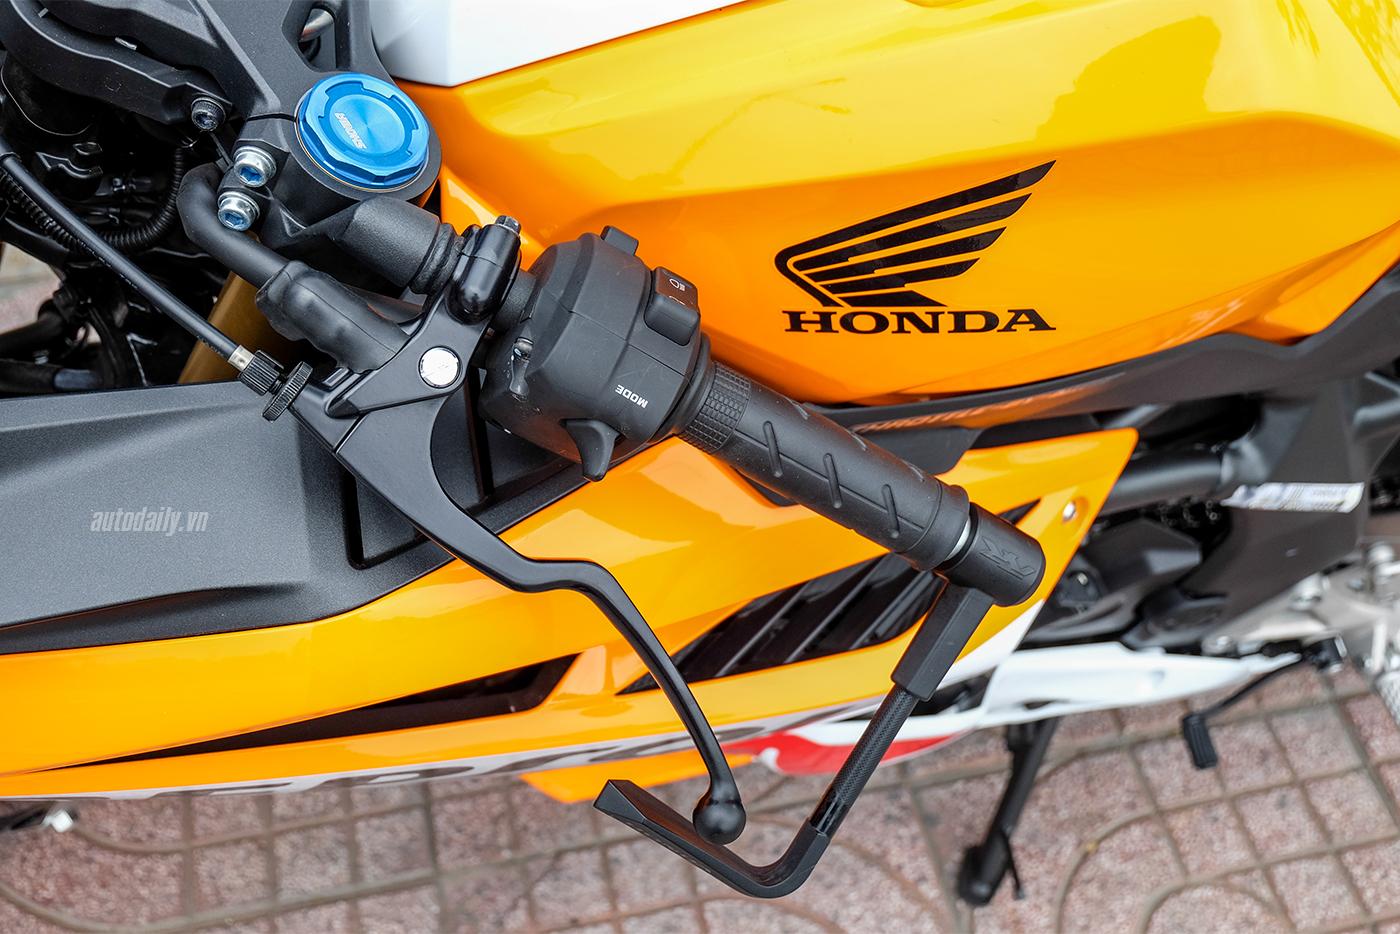 honda-cbr250rr-19.jpg